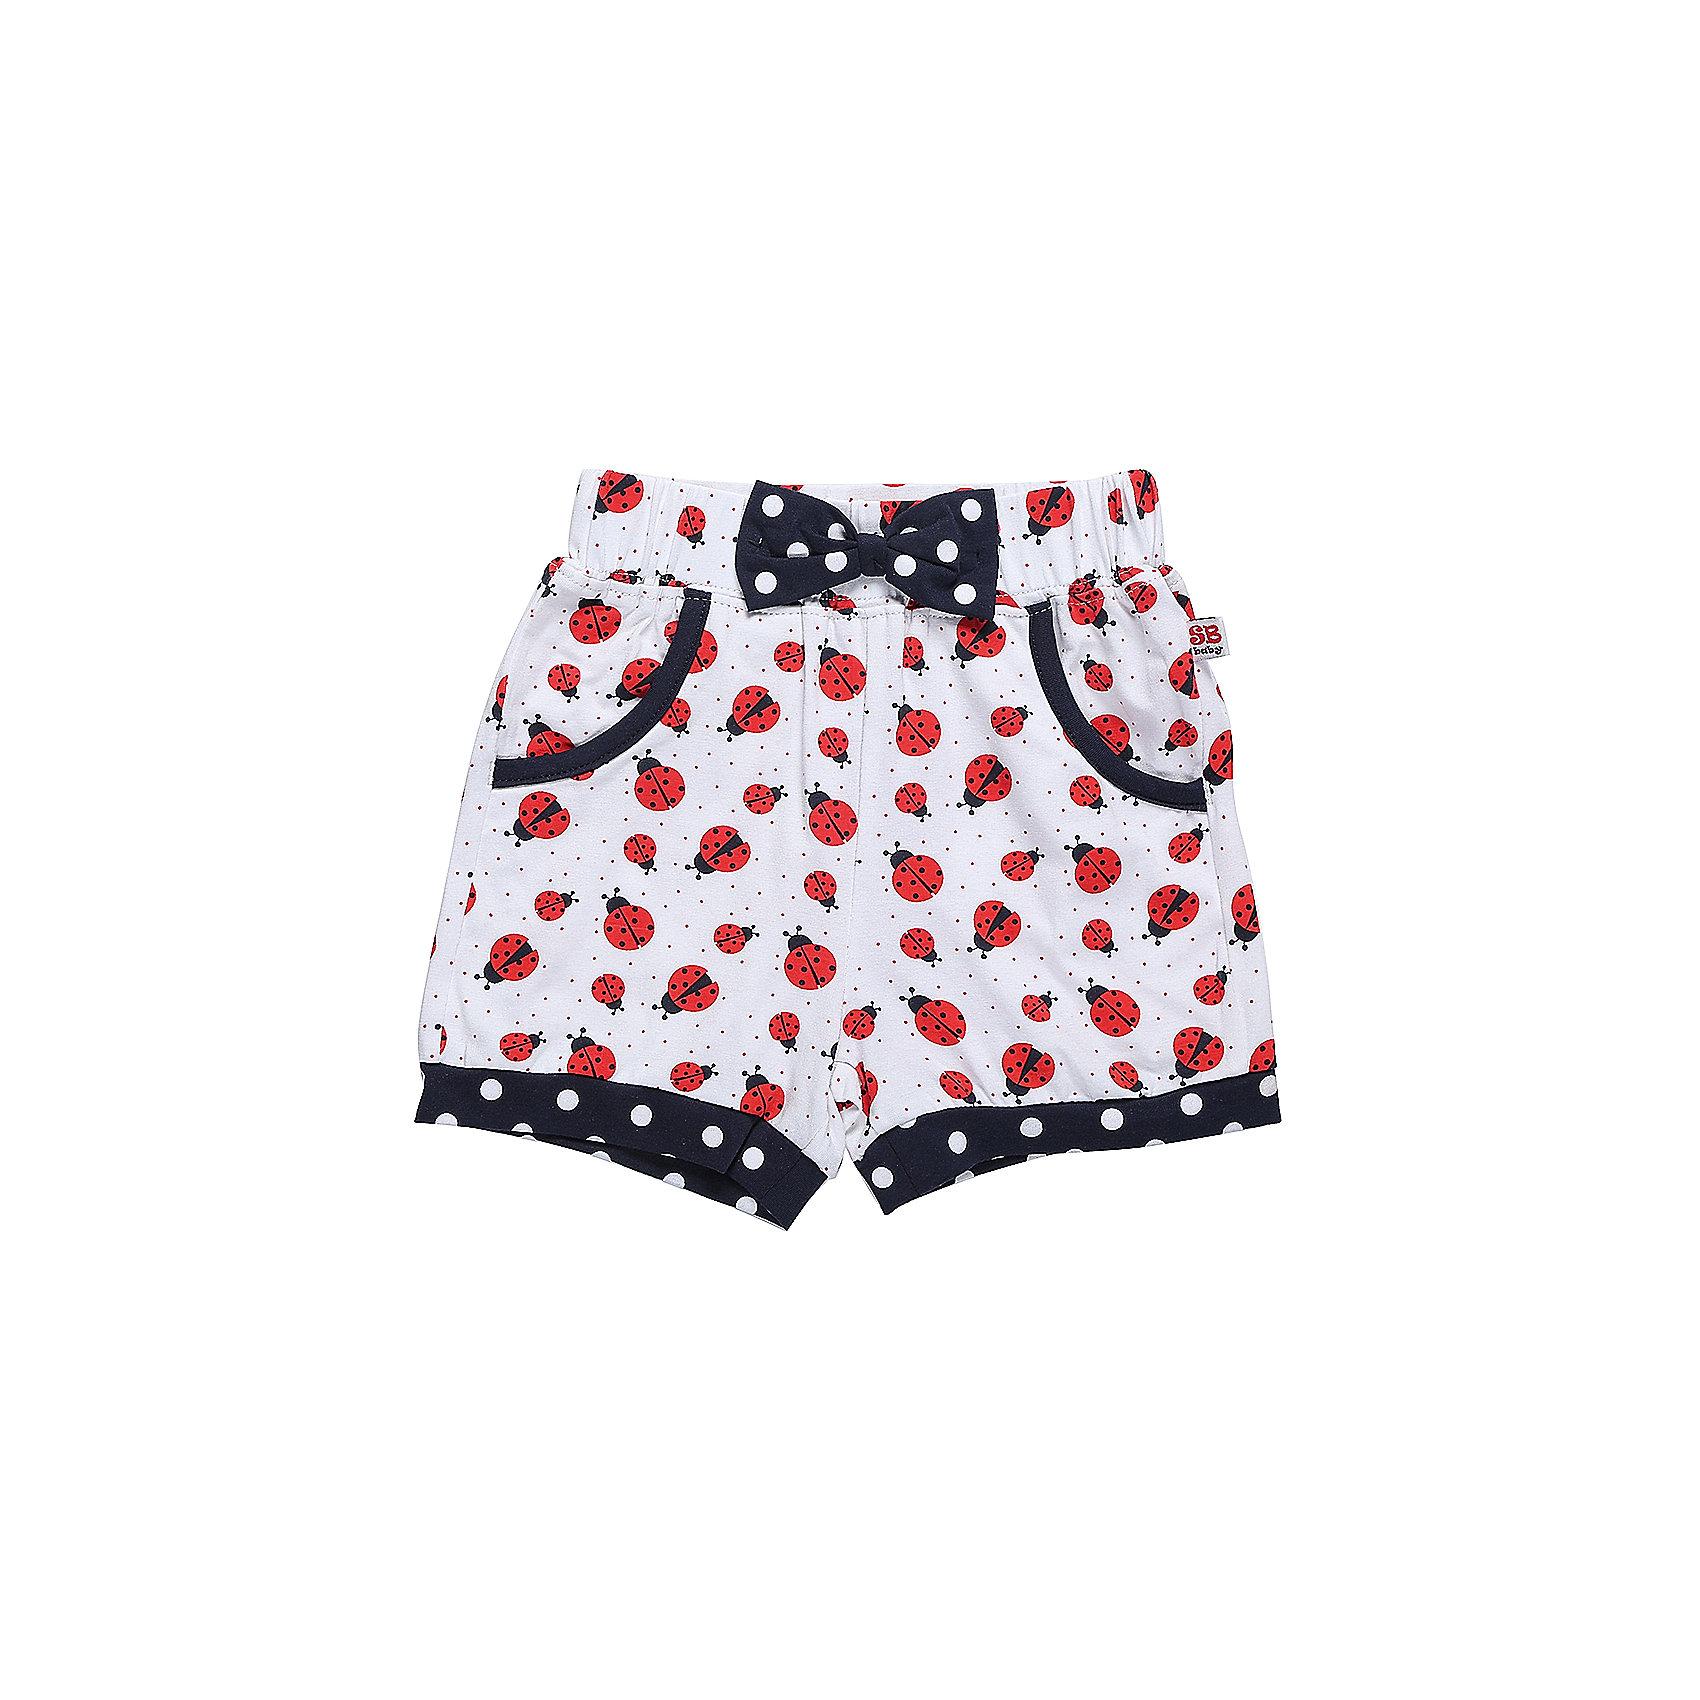 Шорты для девочки Sweet BerryШорты и бриджи<br>Трикотажные короткие шорты для девочки с оригинальным принтом.  Низ шорт декорирован контрастной тканью. Спереди два больших накладных  кармана. Эластичный пояс на резинке.<br>Состав:<br>95%хлопок 5%эластан<br><br>Ширина мм: 191<br>Глубина мм: 10<br>Высота мм: 175<br>Вес г: 273<br>Цвет: белый<br>Возраст от месяцев: 12<br>Возраст до месяцев: 15<br>Пол: Женский<br>Возраст: Детский<br>Размер: 80,86,92,98<br>SKU: 5411048